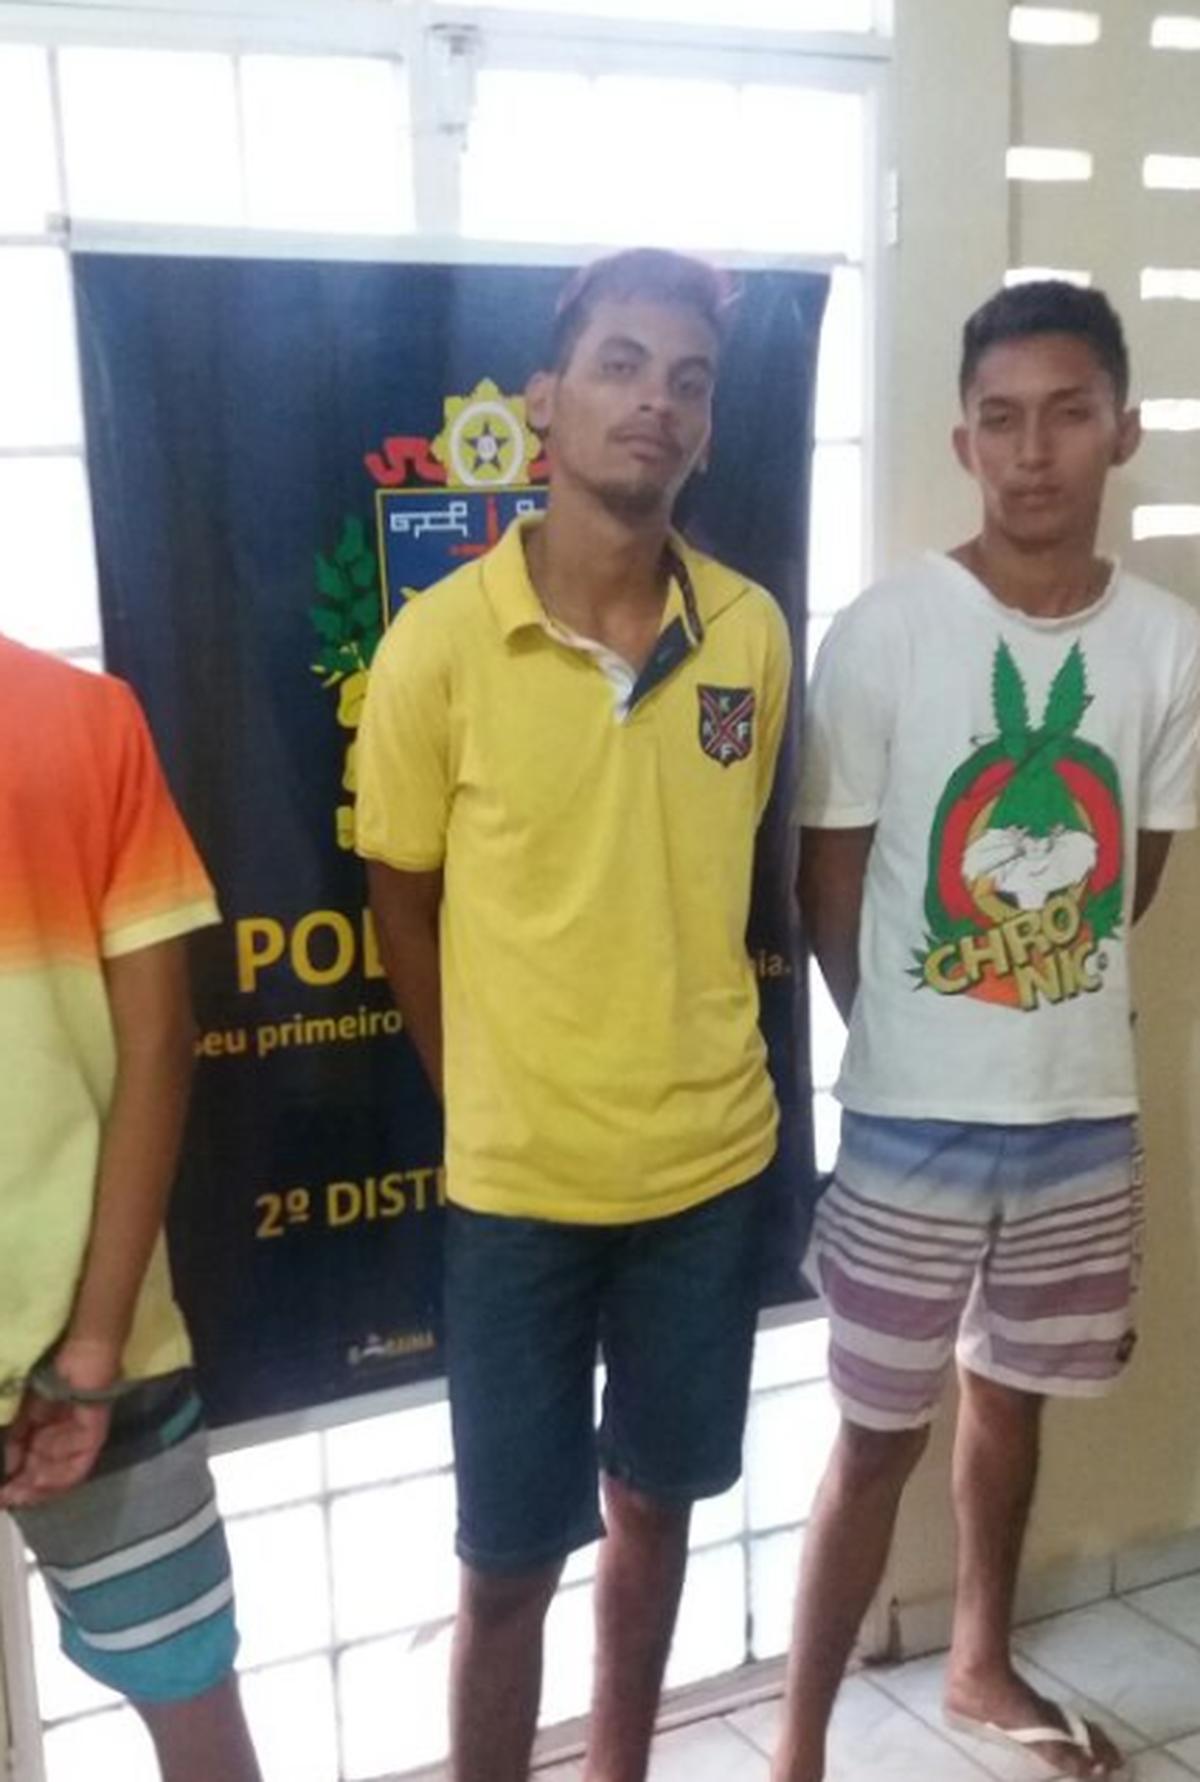 Três são detidos por tentativa de roubo por agente à paisana em Boa Vista